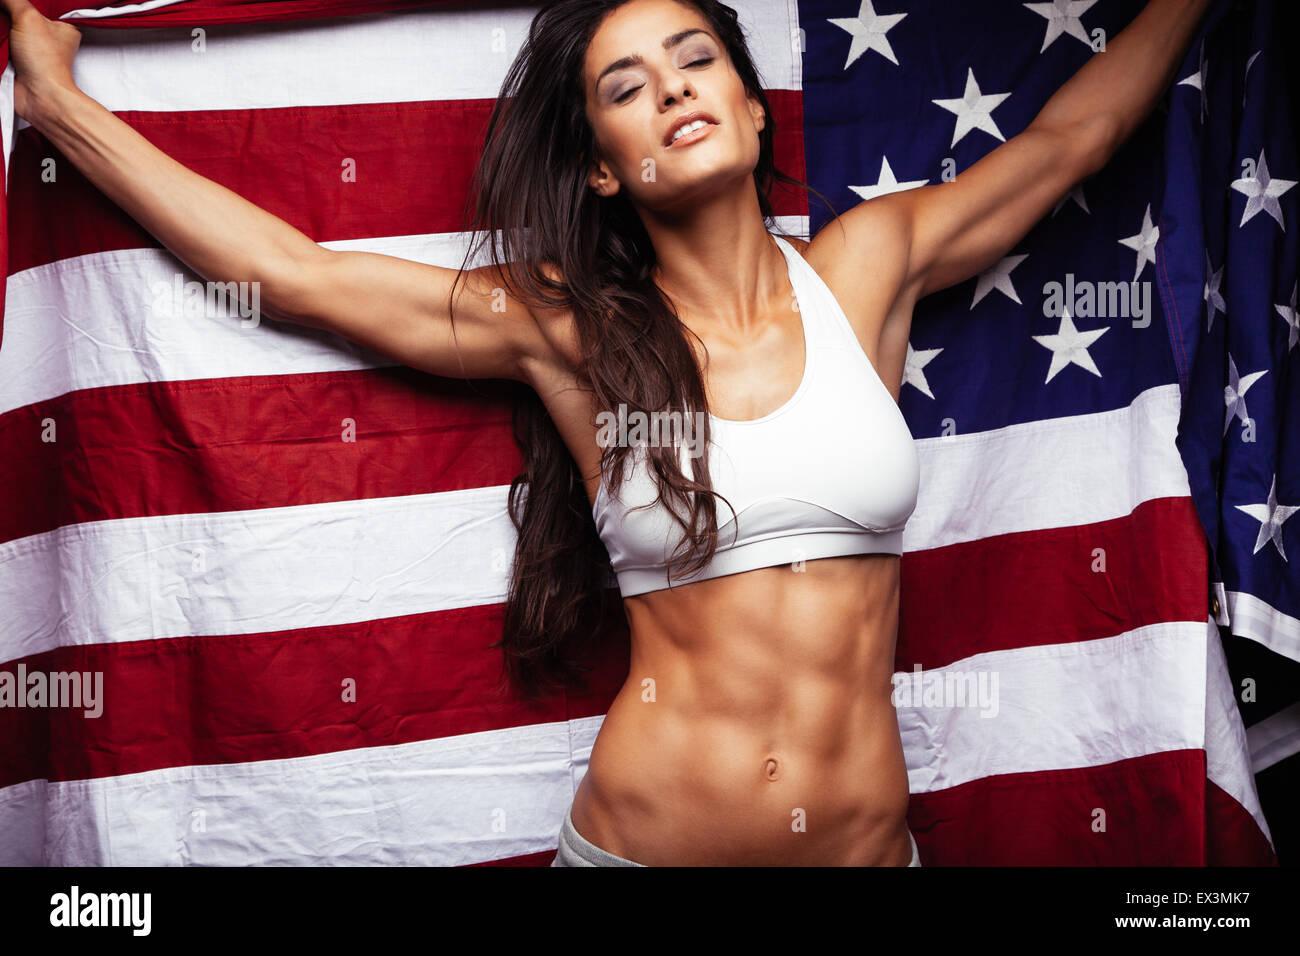 Sportliche junge Frau, die amerikanische Flagge. Fitness-Frau mit perfekten abs. Stockbild